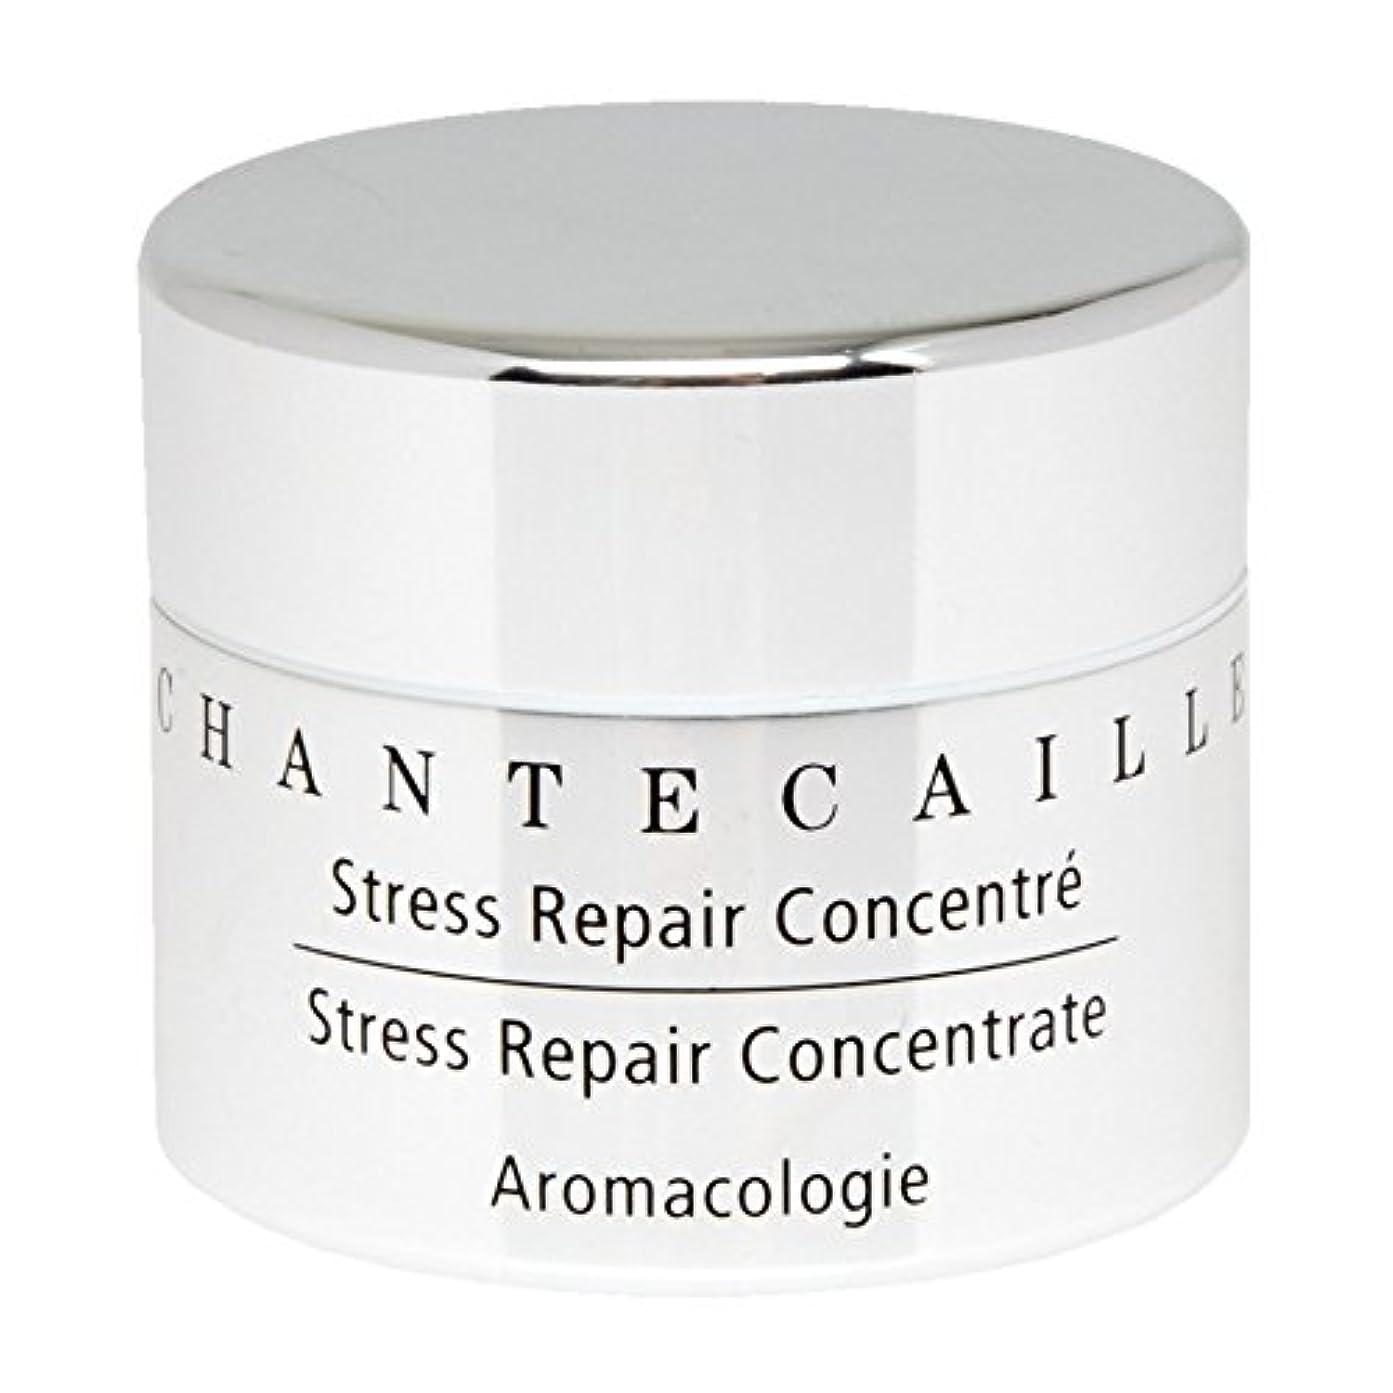 スペースレクリエーションジレンマChantecaille Stress Repair Concentrate 15ml - シャンテカイユストレス修復濃縮15ミリリットル [並行輸入品]